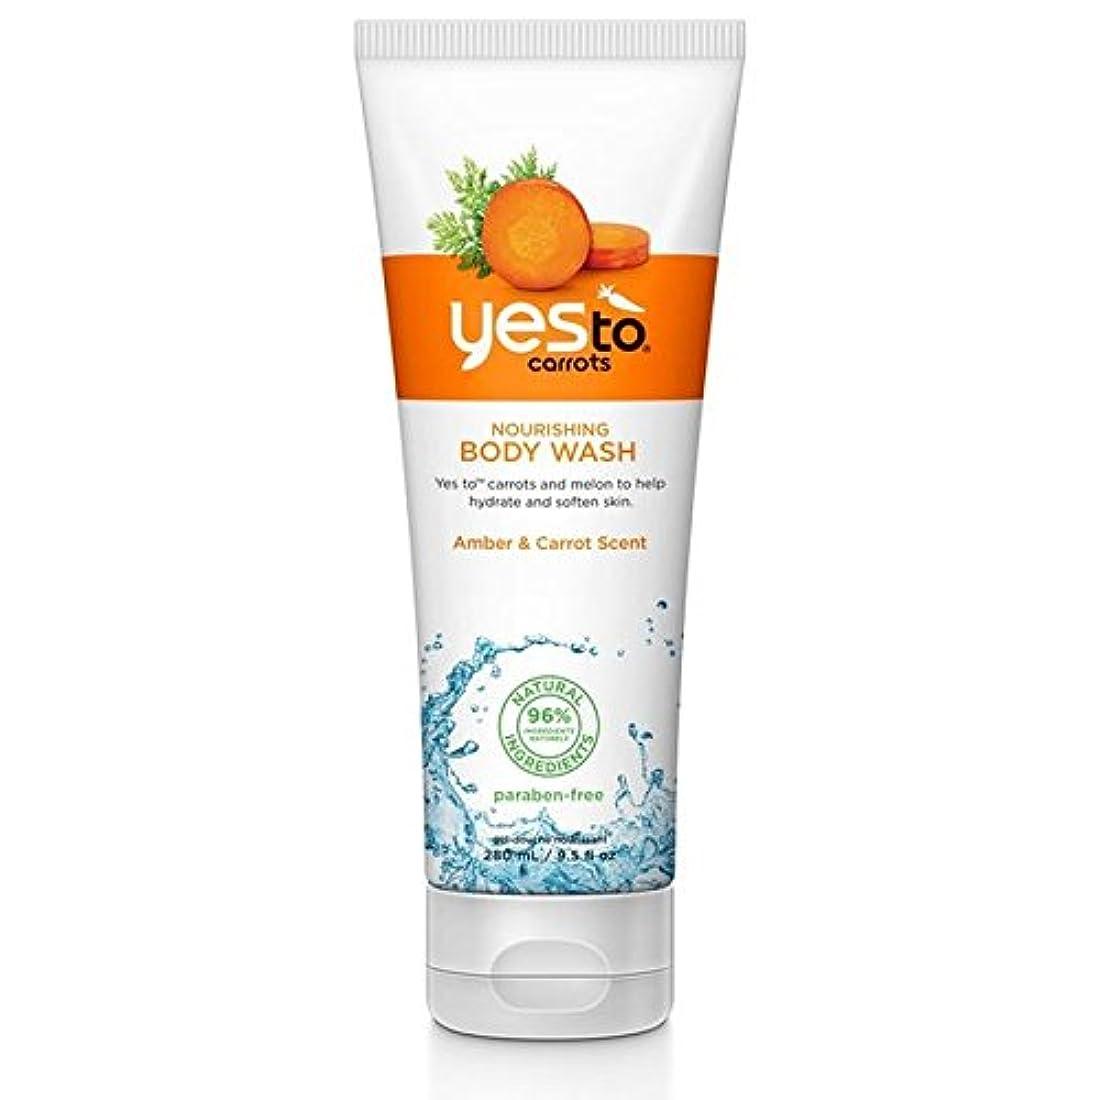 接ぎ木ブラストメモYes To Carrots Nourishing Body Wash 280ml (Pack of 6) - はいボディウォッシュ280ミリリットル栄養ニンジンへ x6 [並行輸入品]